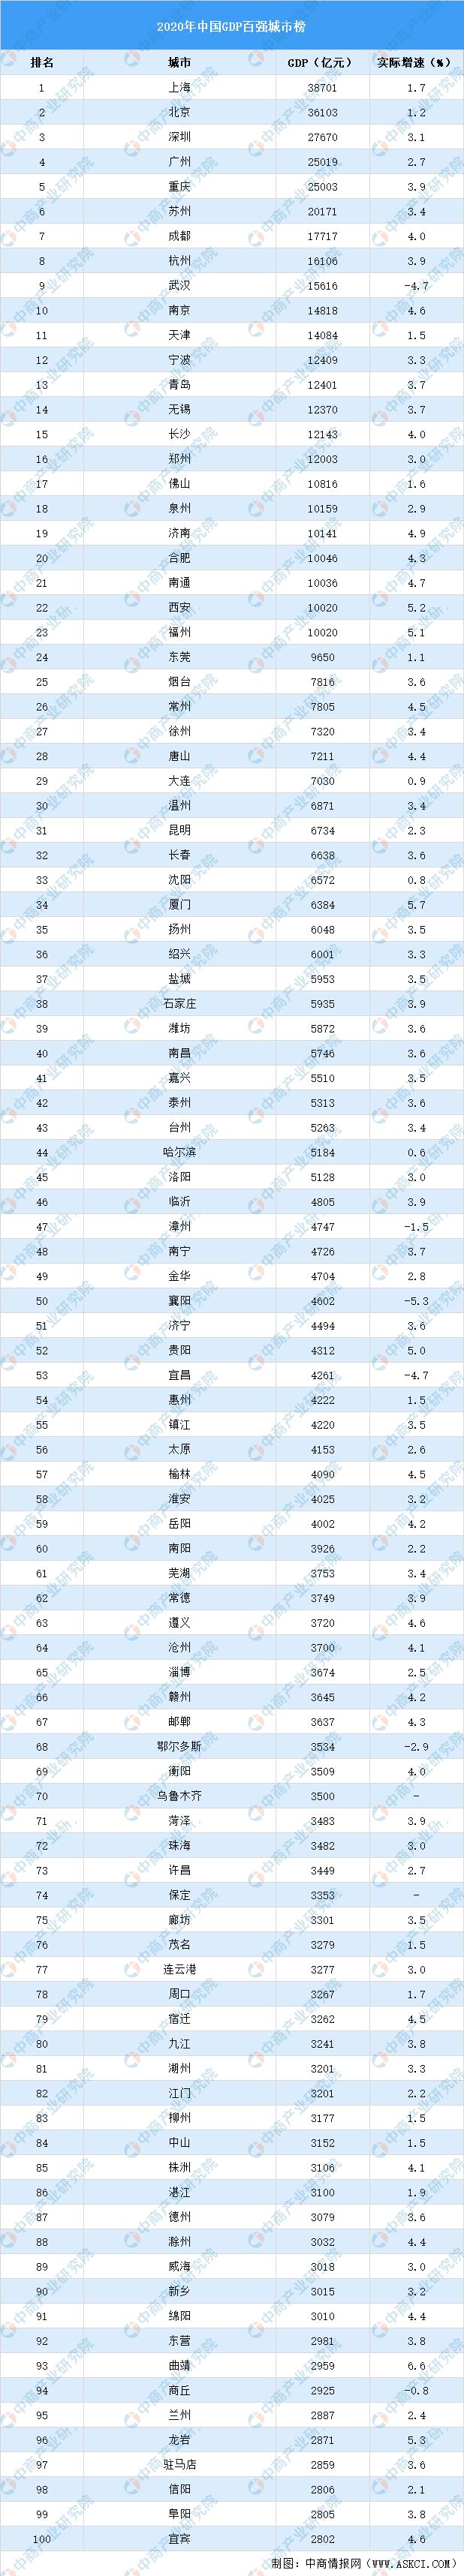 中国gdp图片_一季度国民经济开局良好GDP同比增长18.3%[组图]